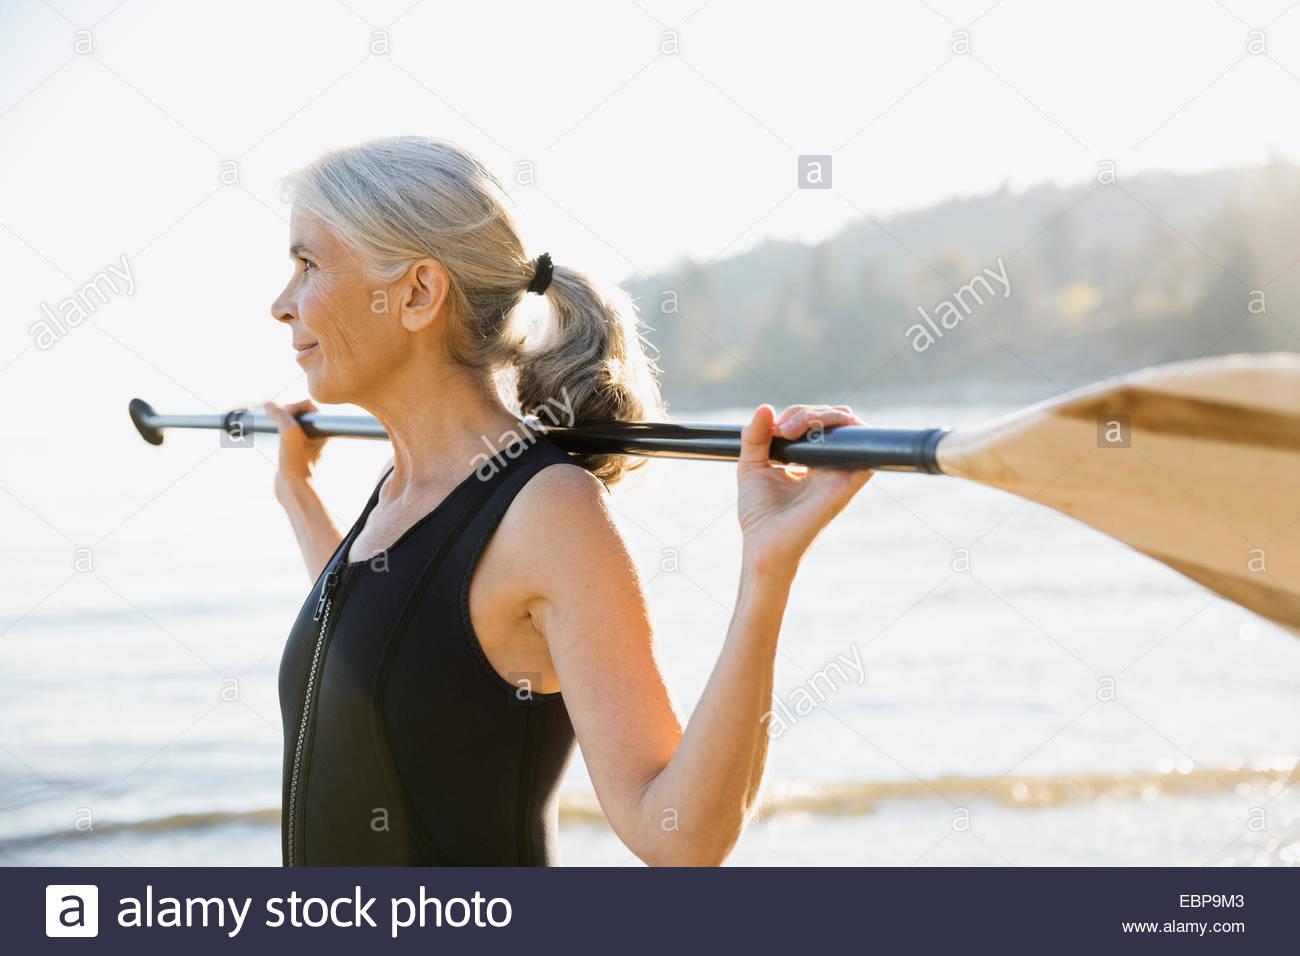 Mujer sosteniendo senior de remo en sunny beach Imagen De Stock